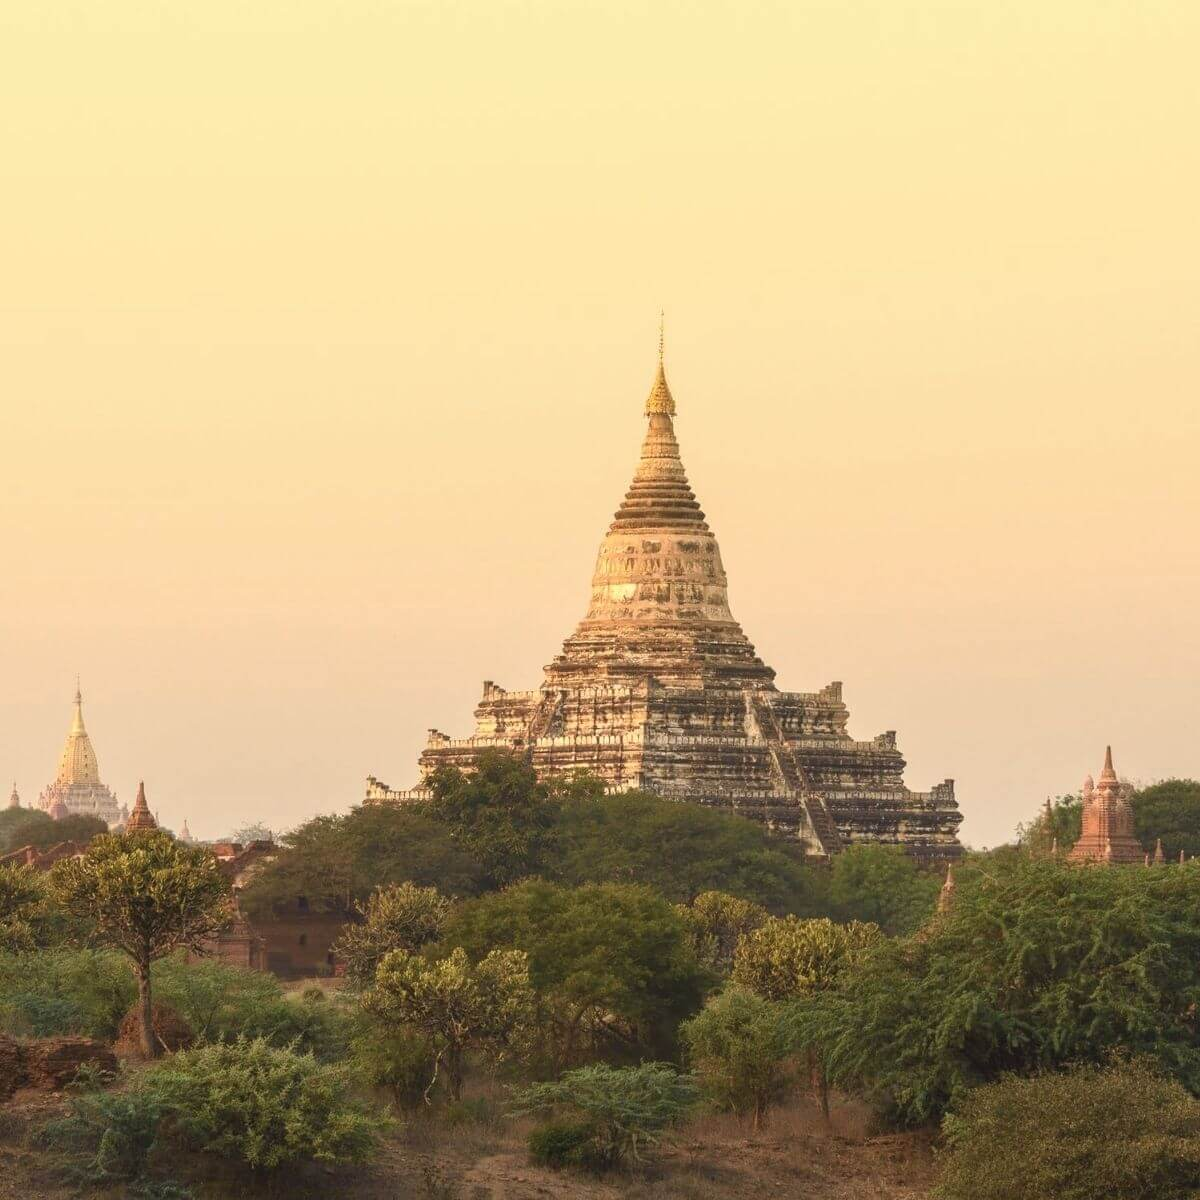 Temples in Bagan, Myanmar.